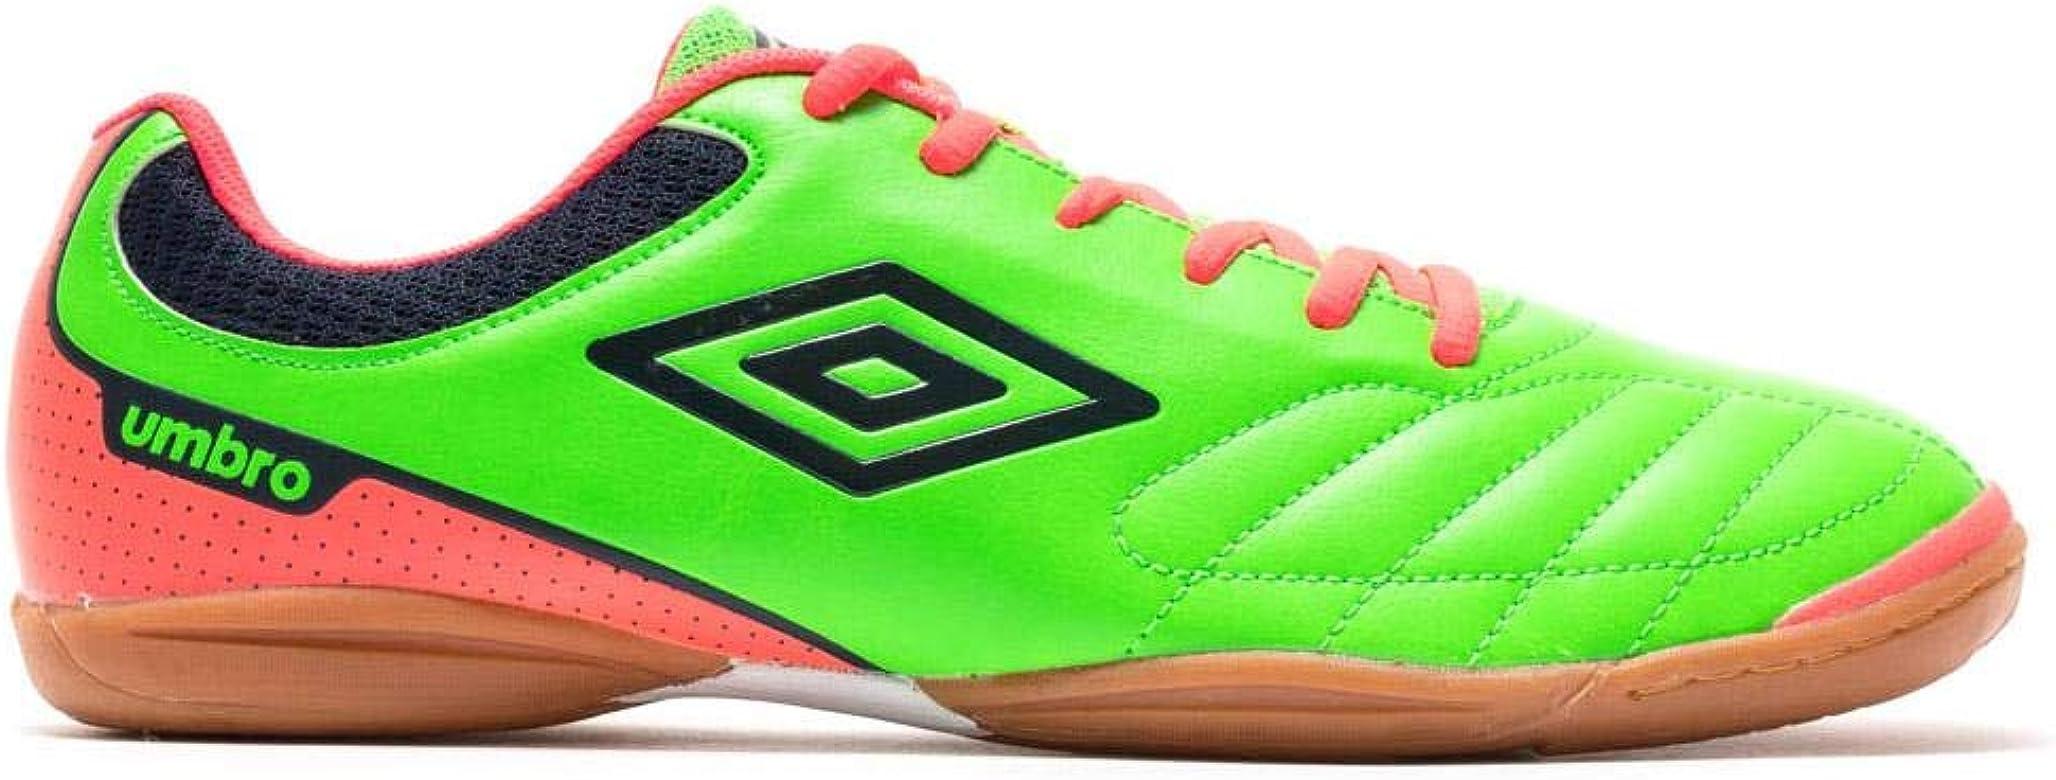 Umbro Futsal Attak IC, Zapatilla de fútbol Sala, Green-Orange-Navy, Talla 8 US (41 EU): Amazon.es: Zapatos y complementos